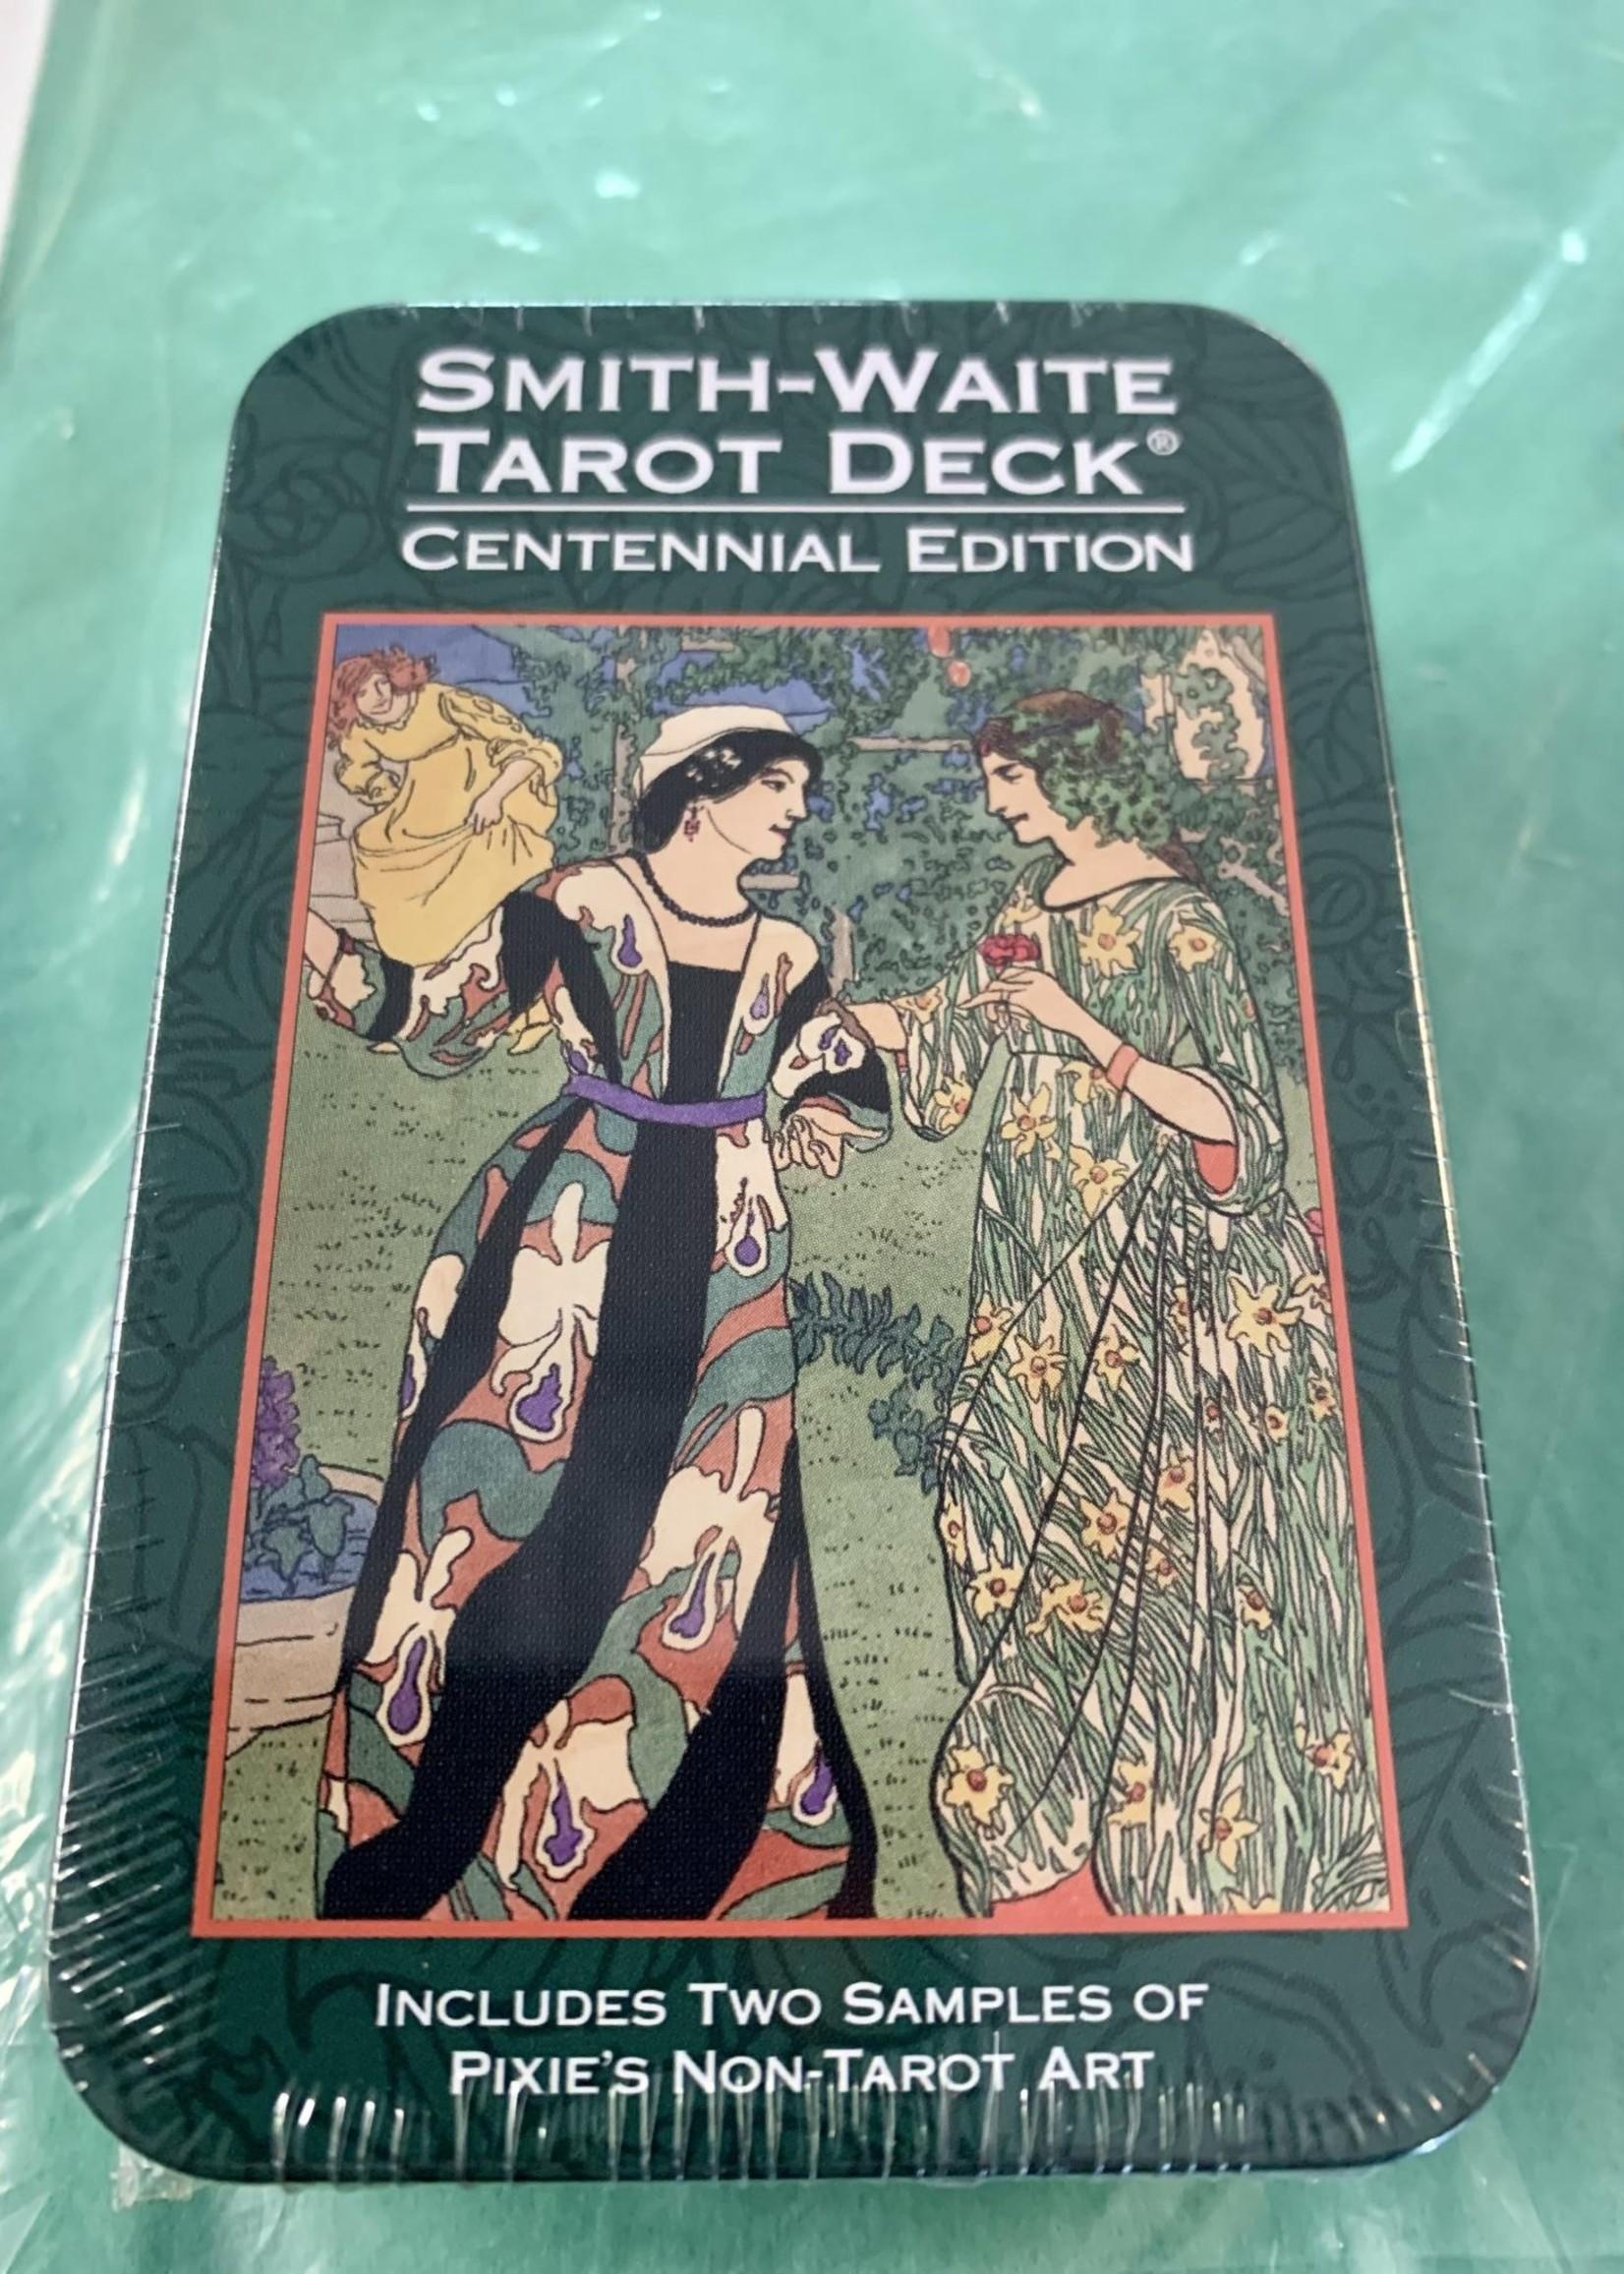 Smith - Waite Tarot Deck - Centennial Edition (in a tin)